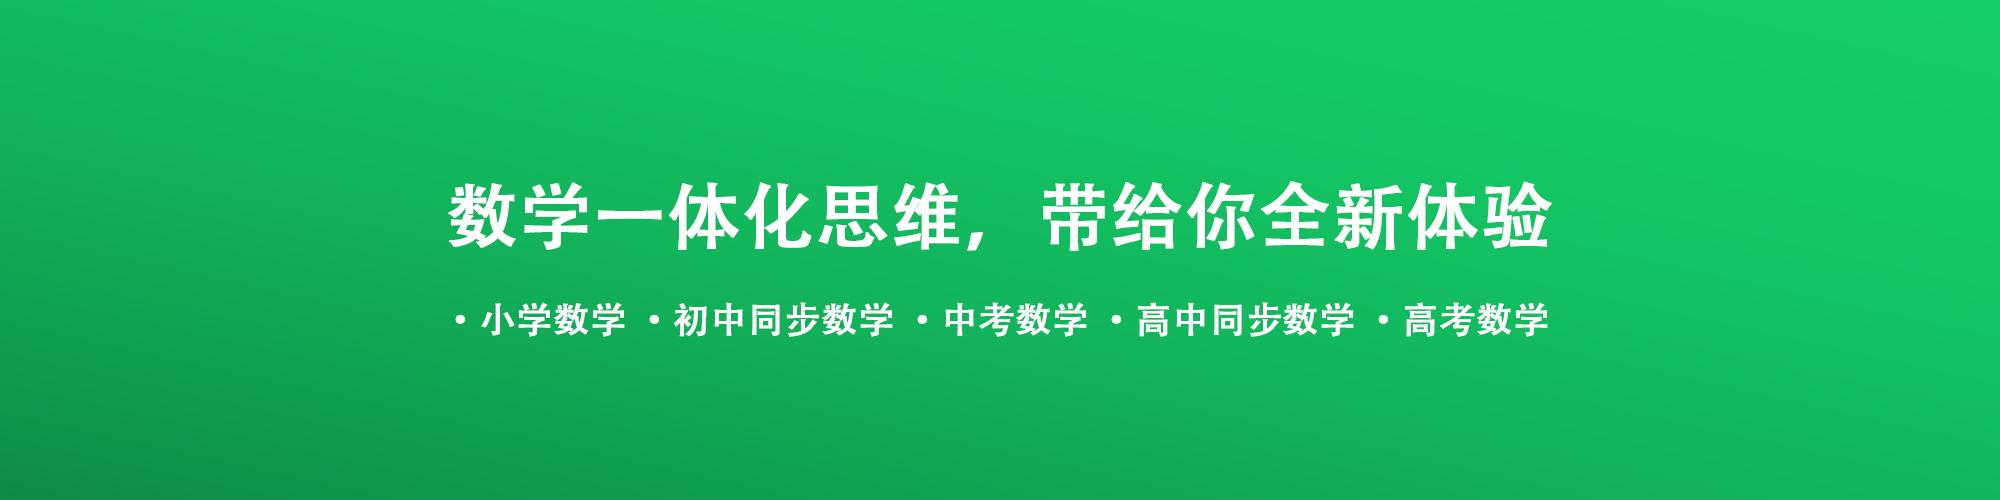 高品质专业四六级英语作文培训_四六级英语相关-北京拓程教育咨询有限公司